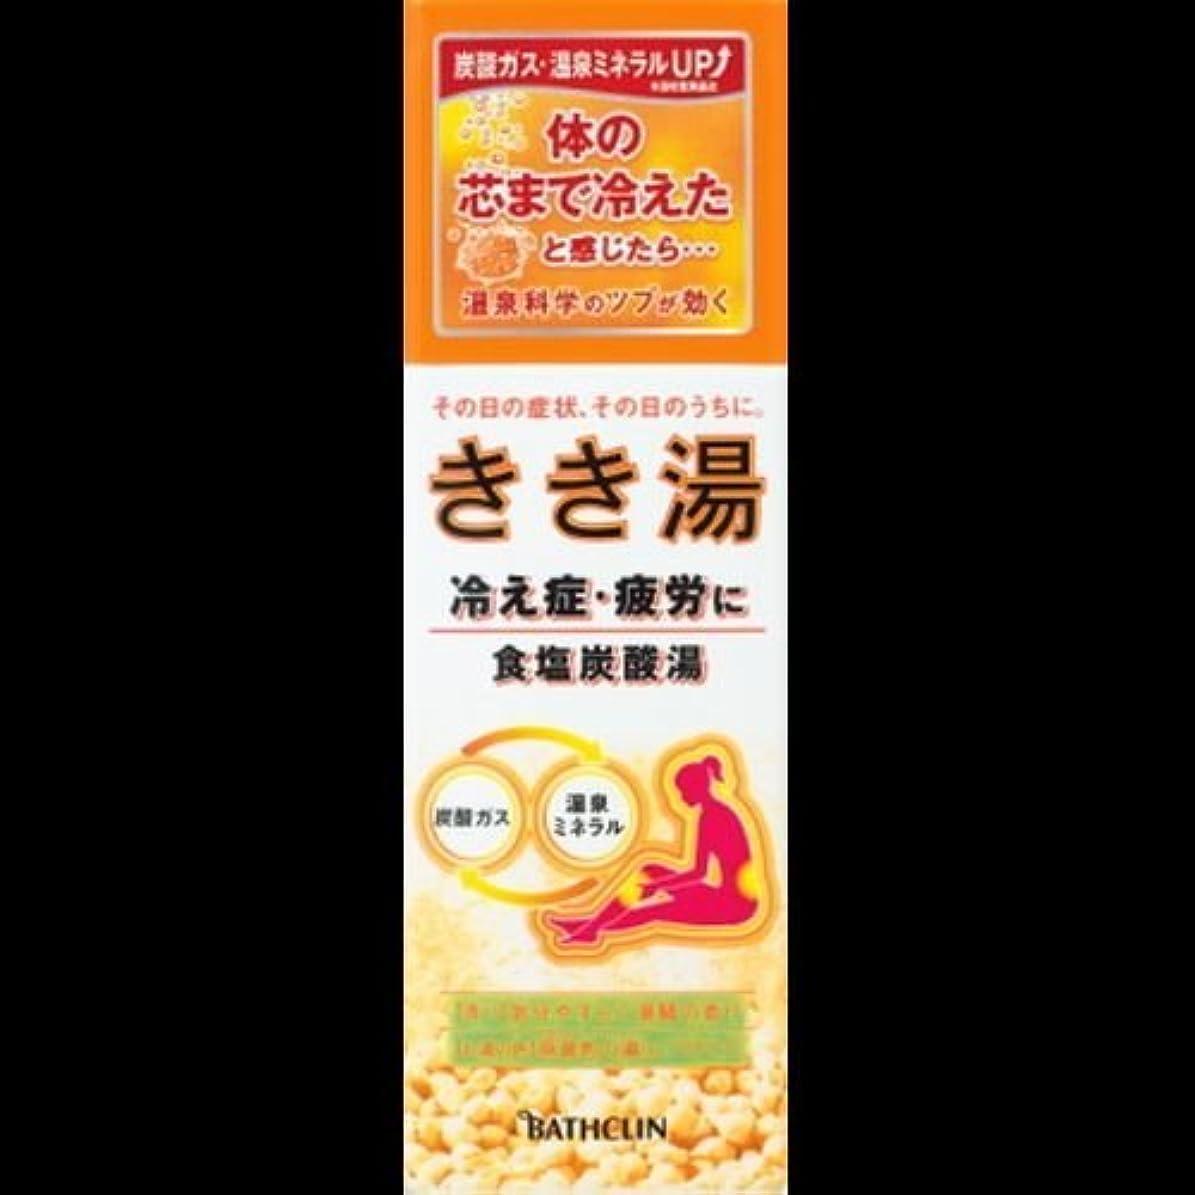 爆発物古いを除く[バスクリン]きき湯 食塩炭酸湯 360g(約12回分)